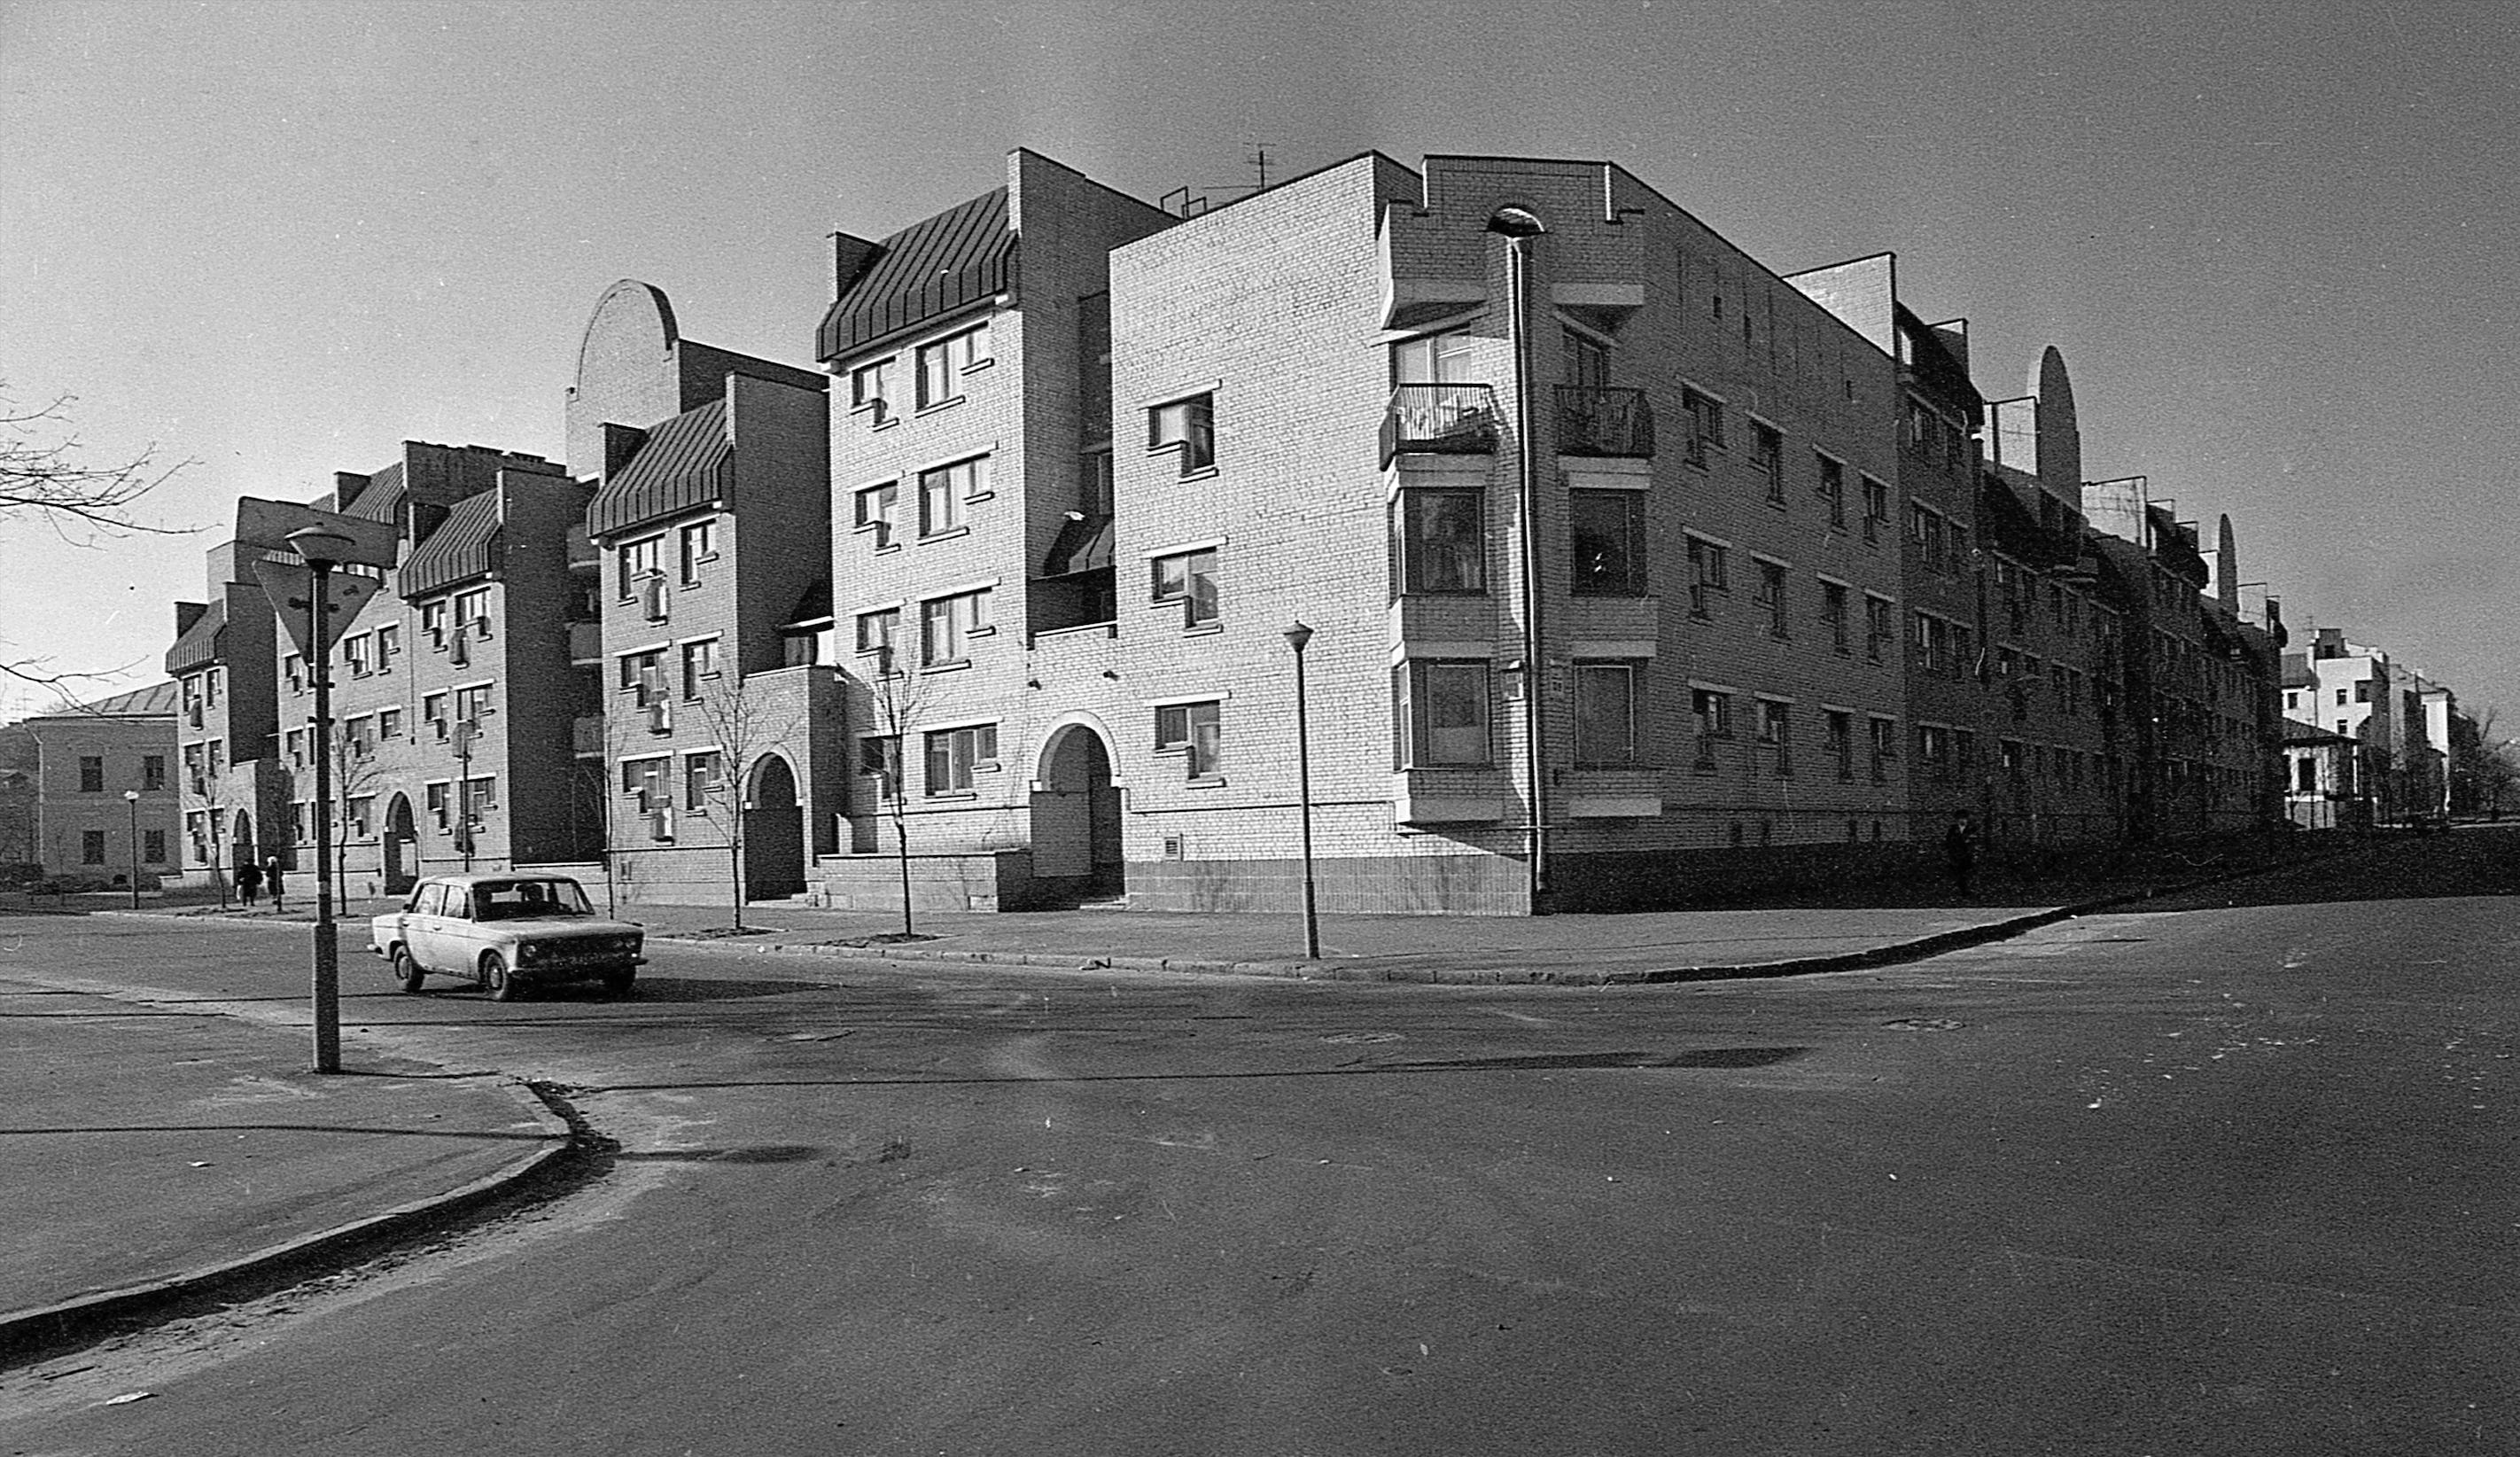 Архітектурний архів Віктора Марущенка: спогади про київського архітектора Віктора Розенберга